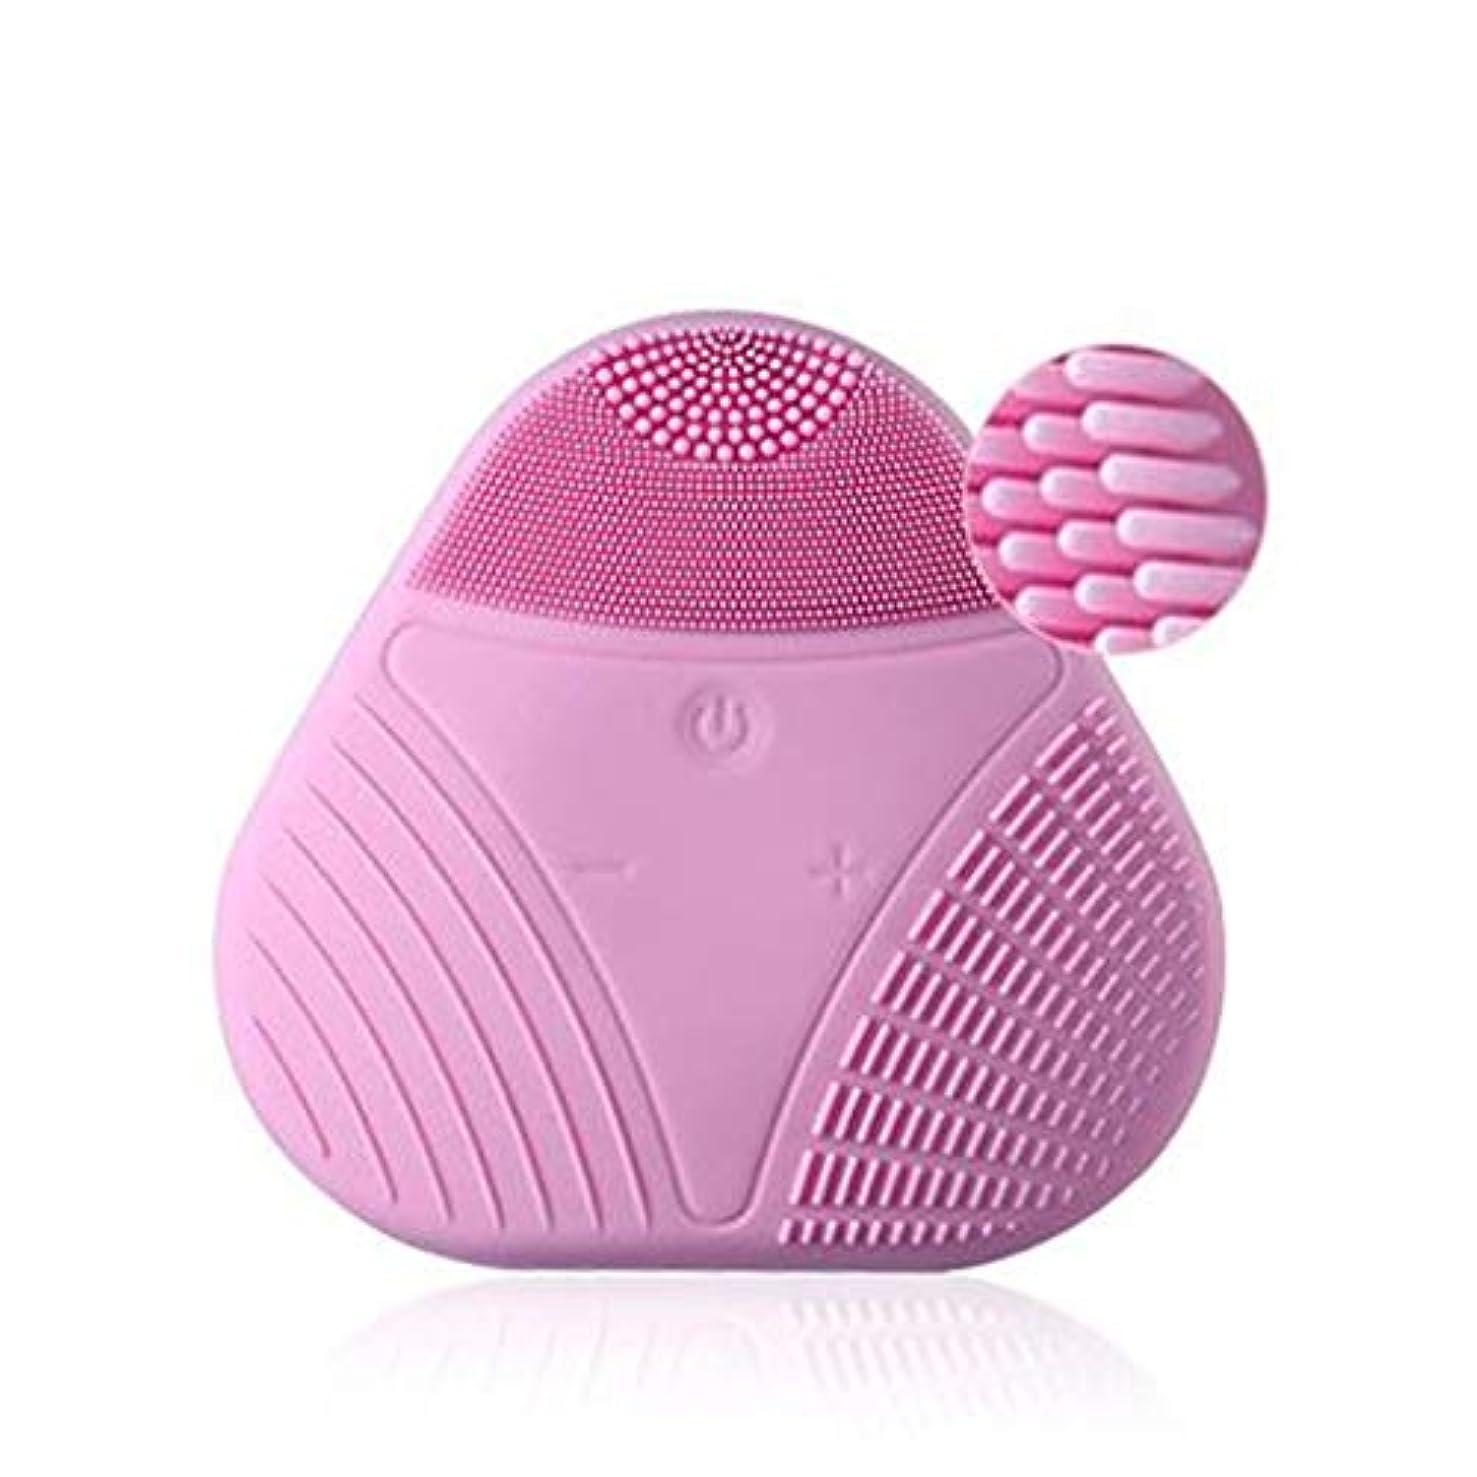 シャイスケッチ忌避剤電気シリコーンクレンジング器具、シリコンポータブルUSBフェイシャルマッサージャーウォッシュフェイスビューティーインストゥルメントディープエクスフォリエイティングジェントル&クレンジングフェイシャル (Color : Pink)